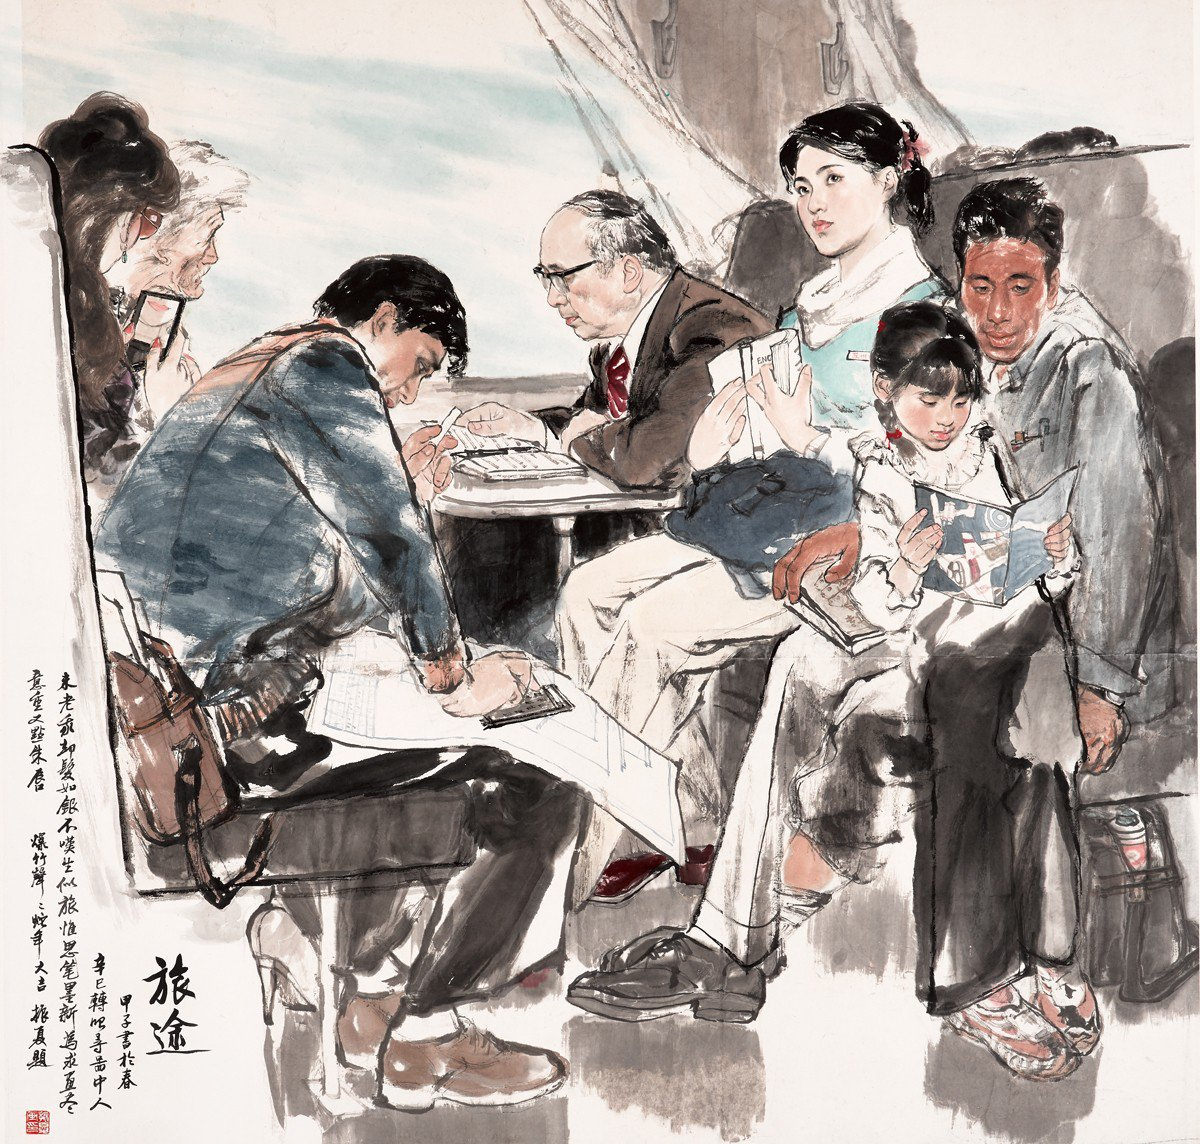 劉振夏 旅途 1984 156.8x161.8cm